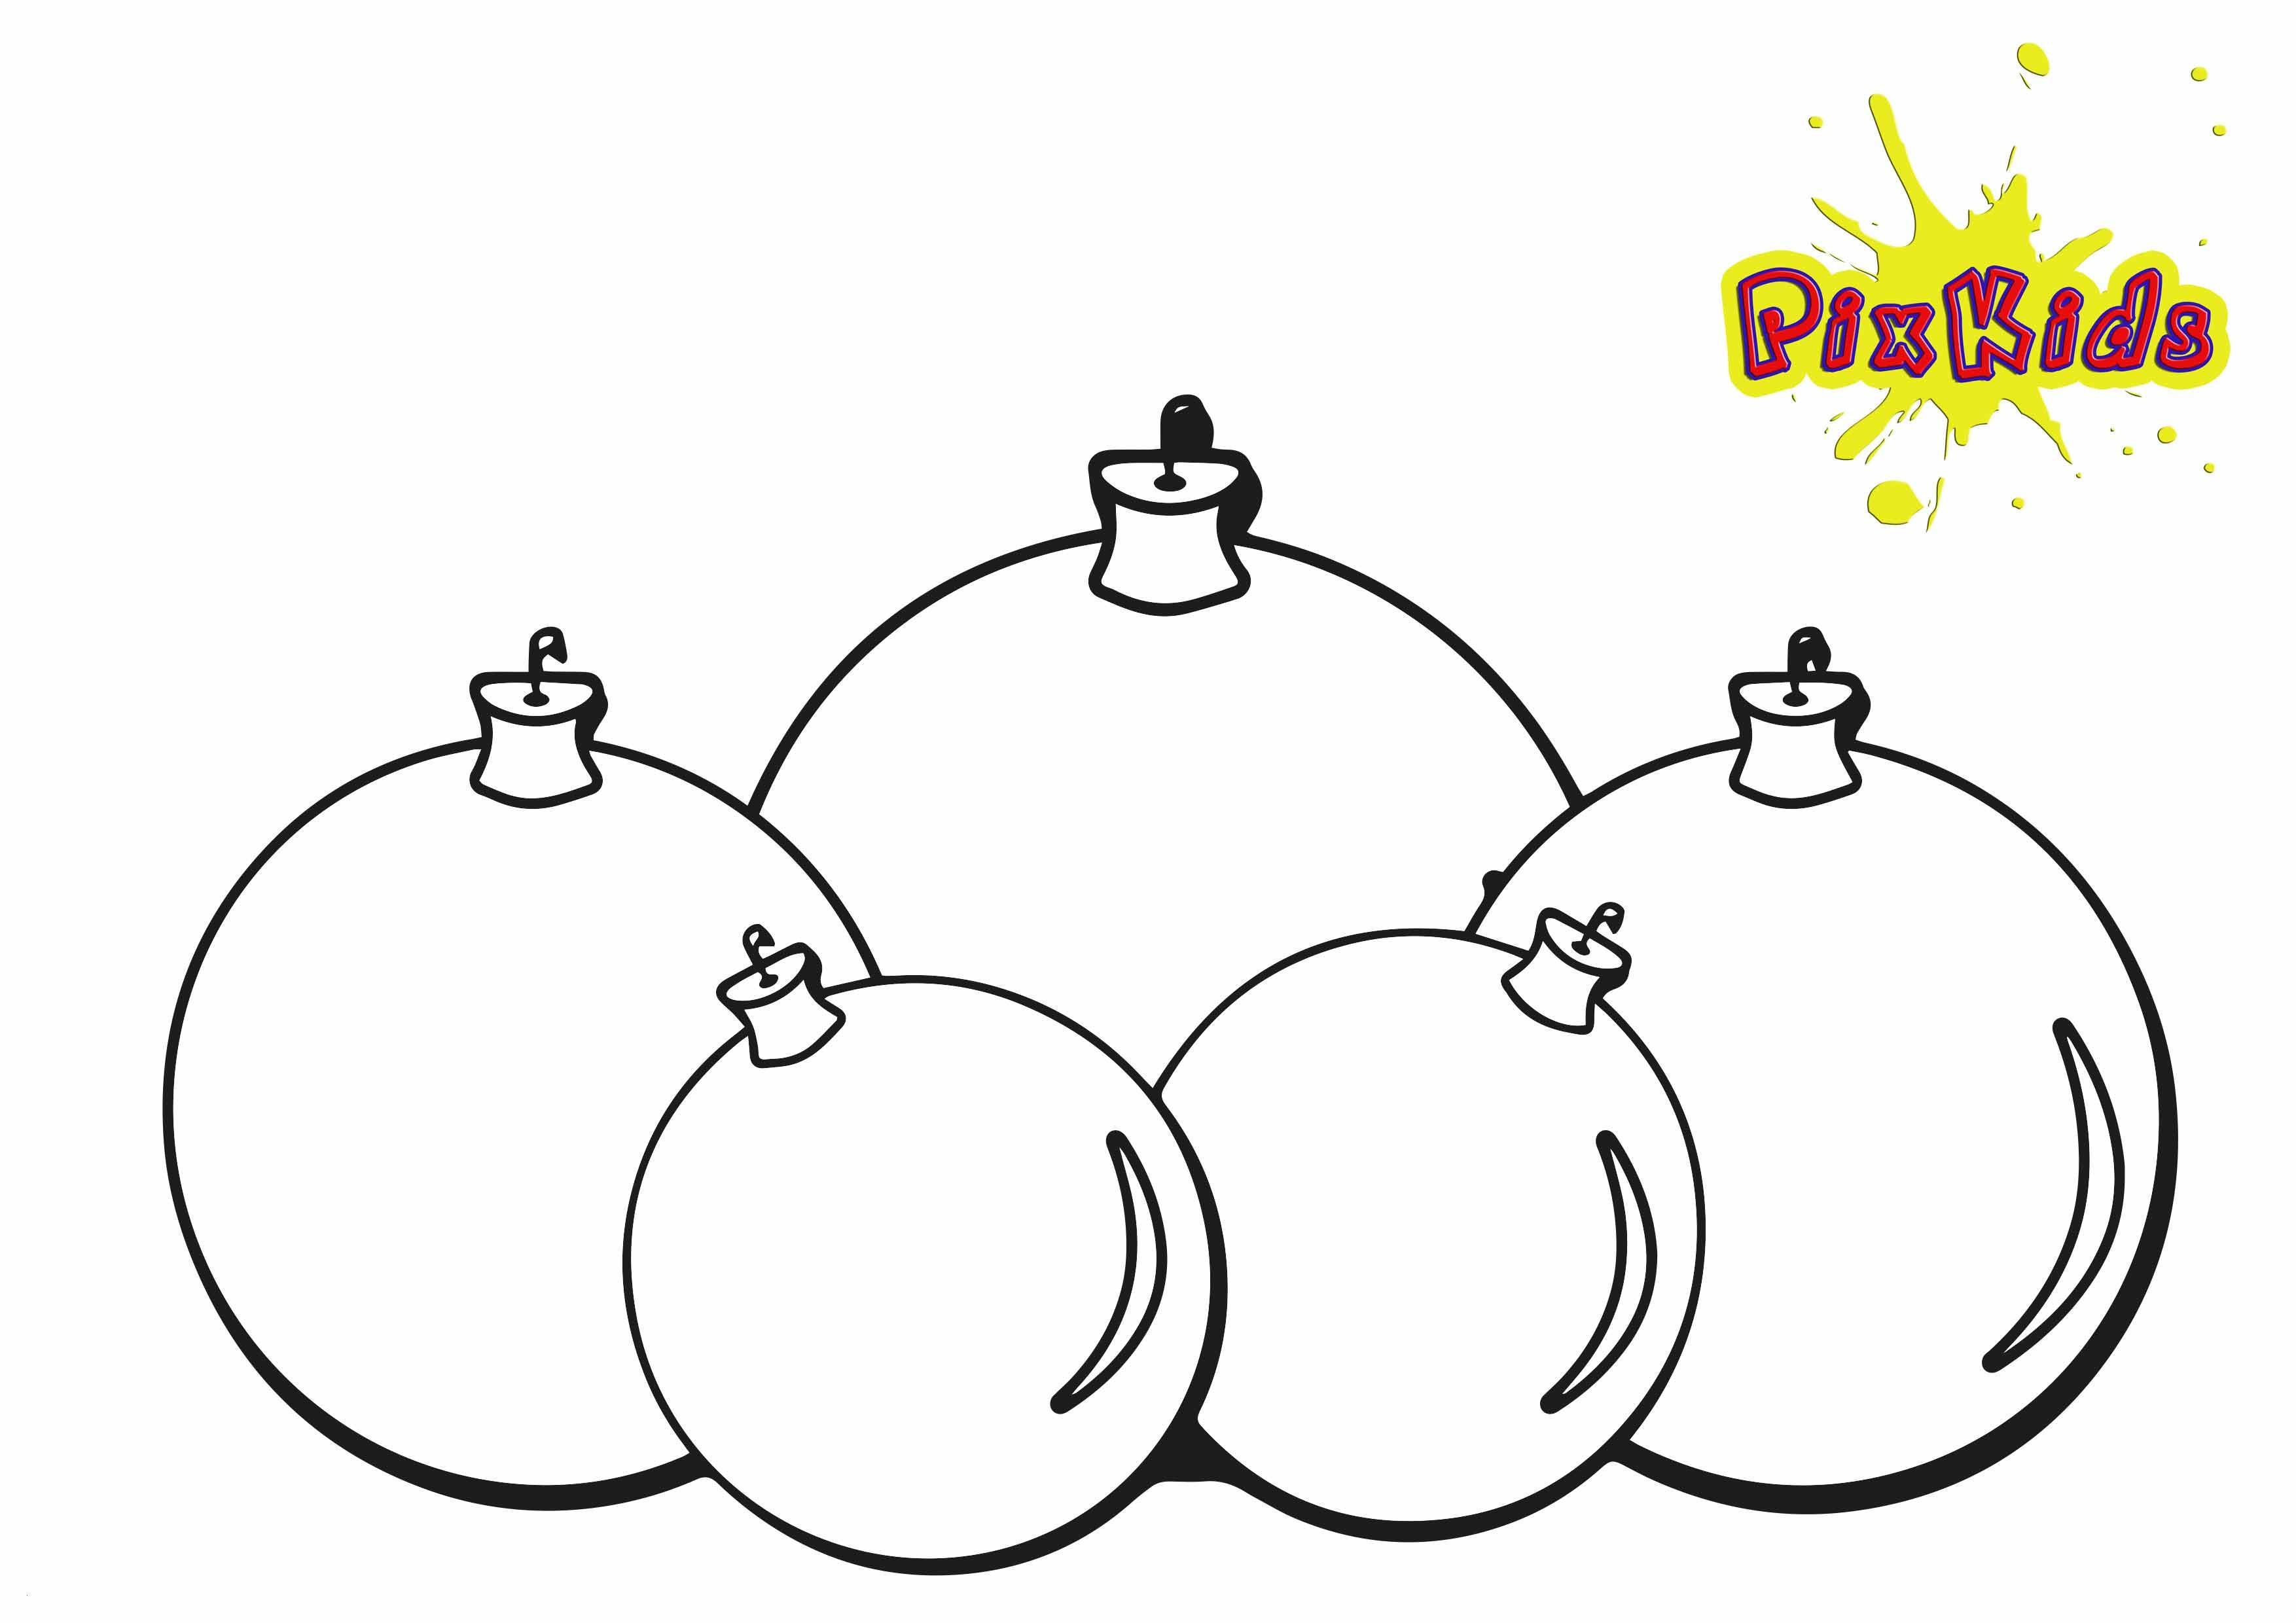 Ausmalbilder Weihnachten Schneeflocke Inspirierend 35 Malvorlagen Weihnachten Kostenlos Sterne forstergallery Bilder